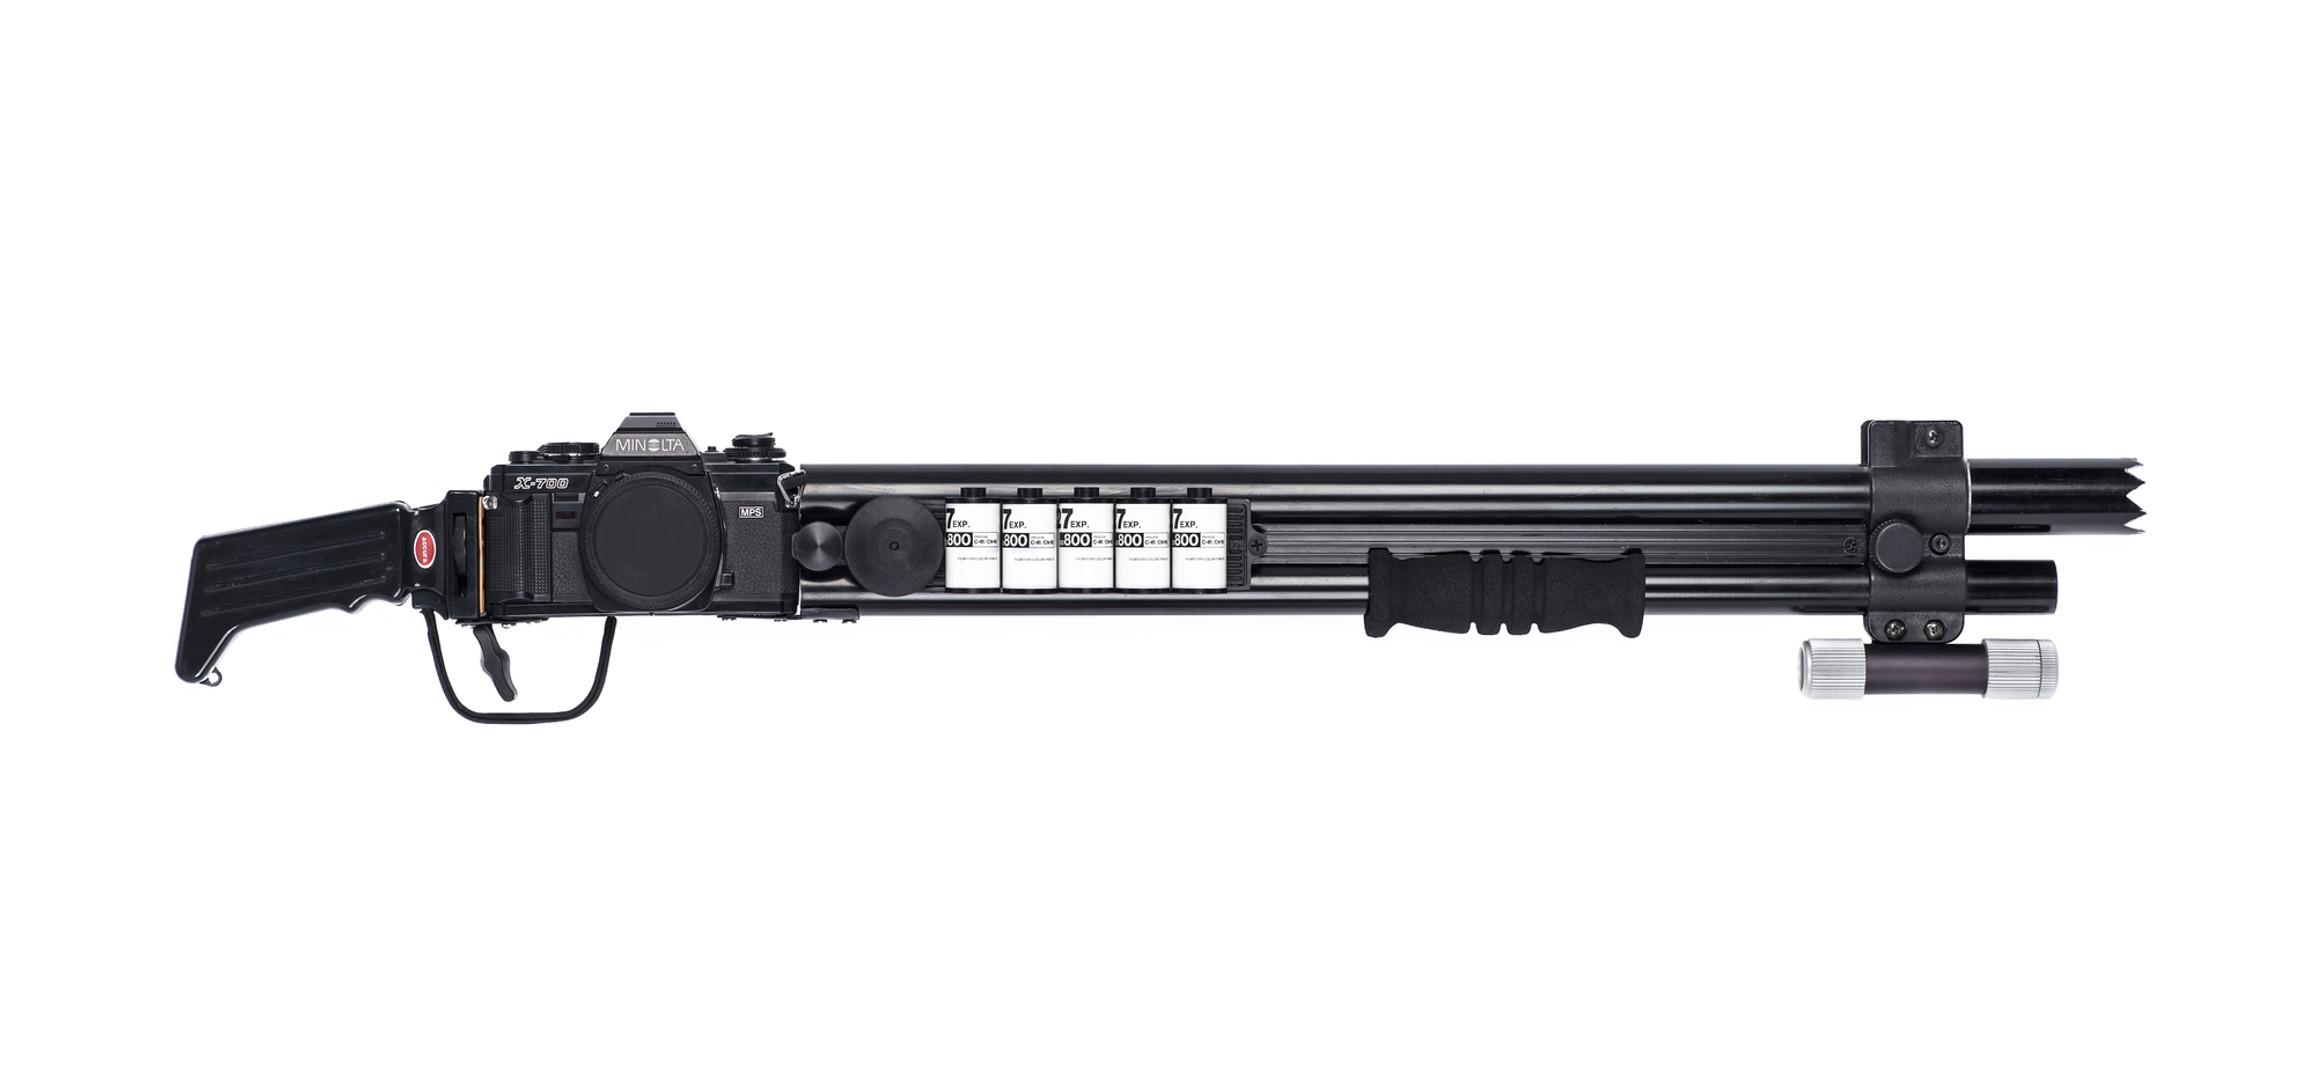 GUN #007